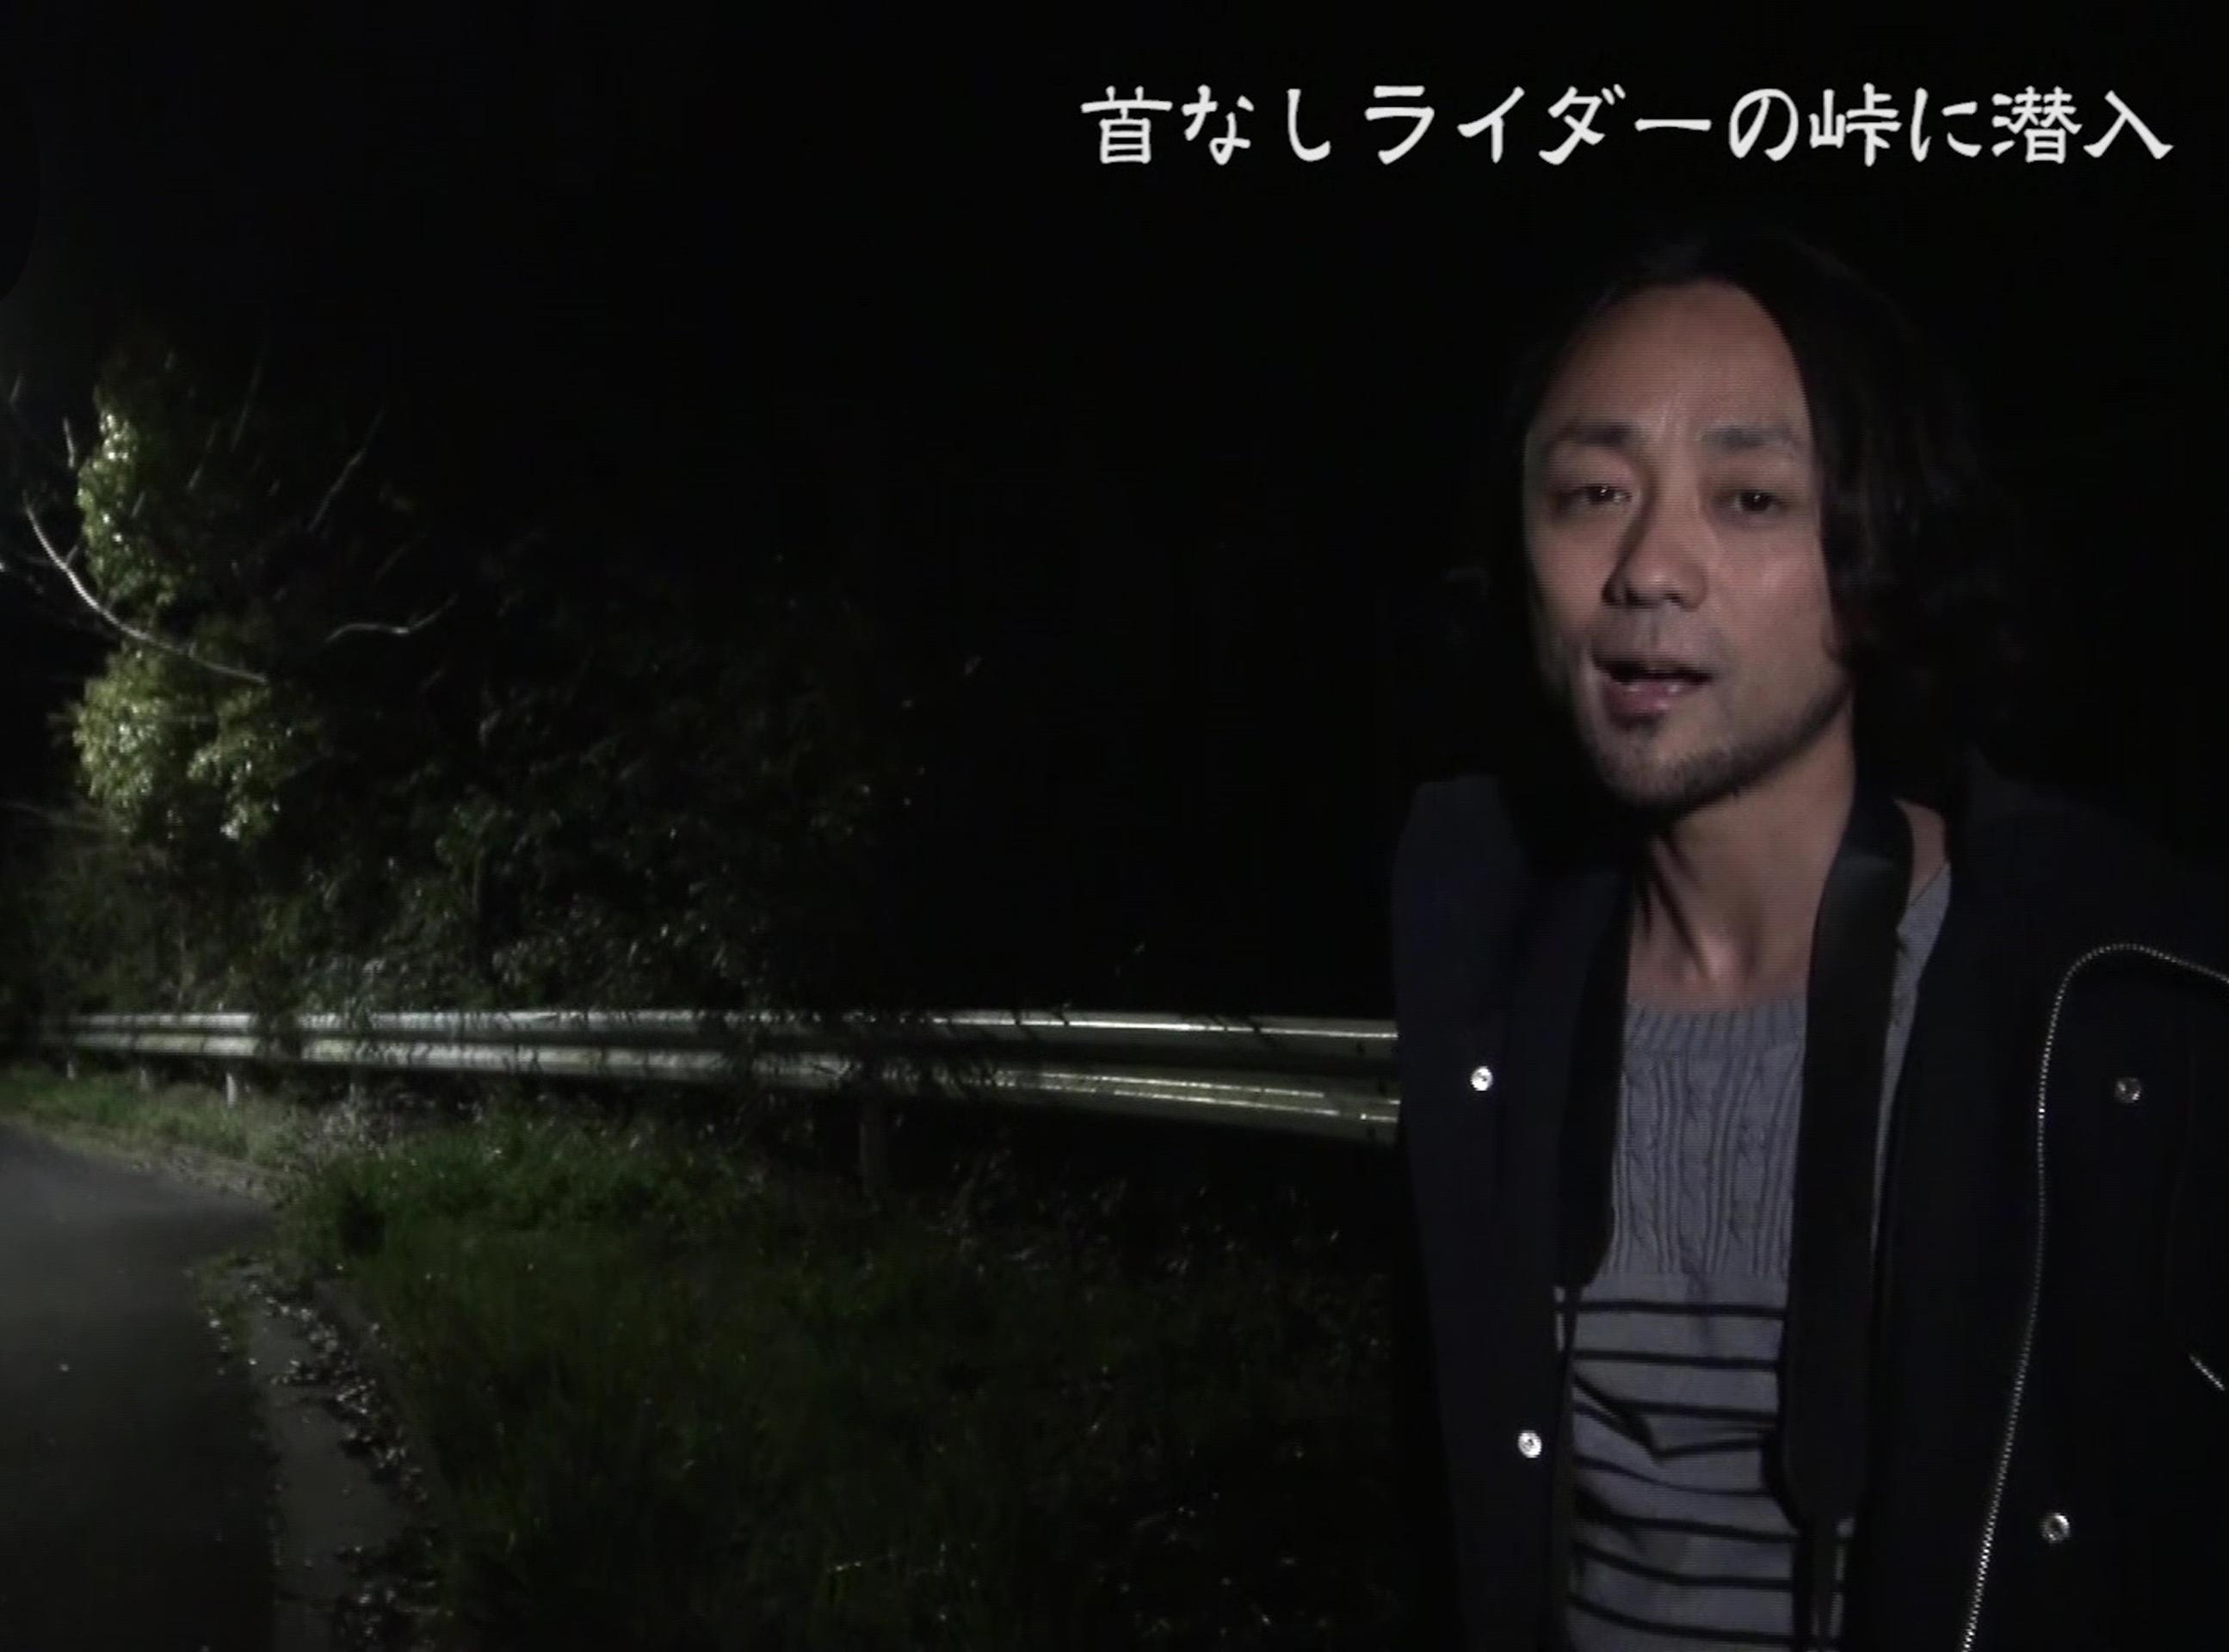 恐怖バラエティ!怪談家ぁみの怖すぎチャンネル(5)